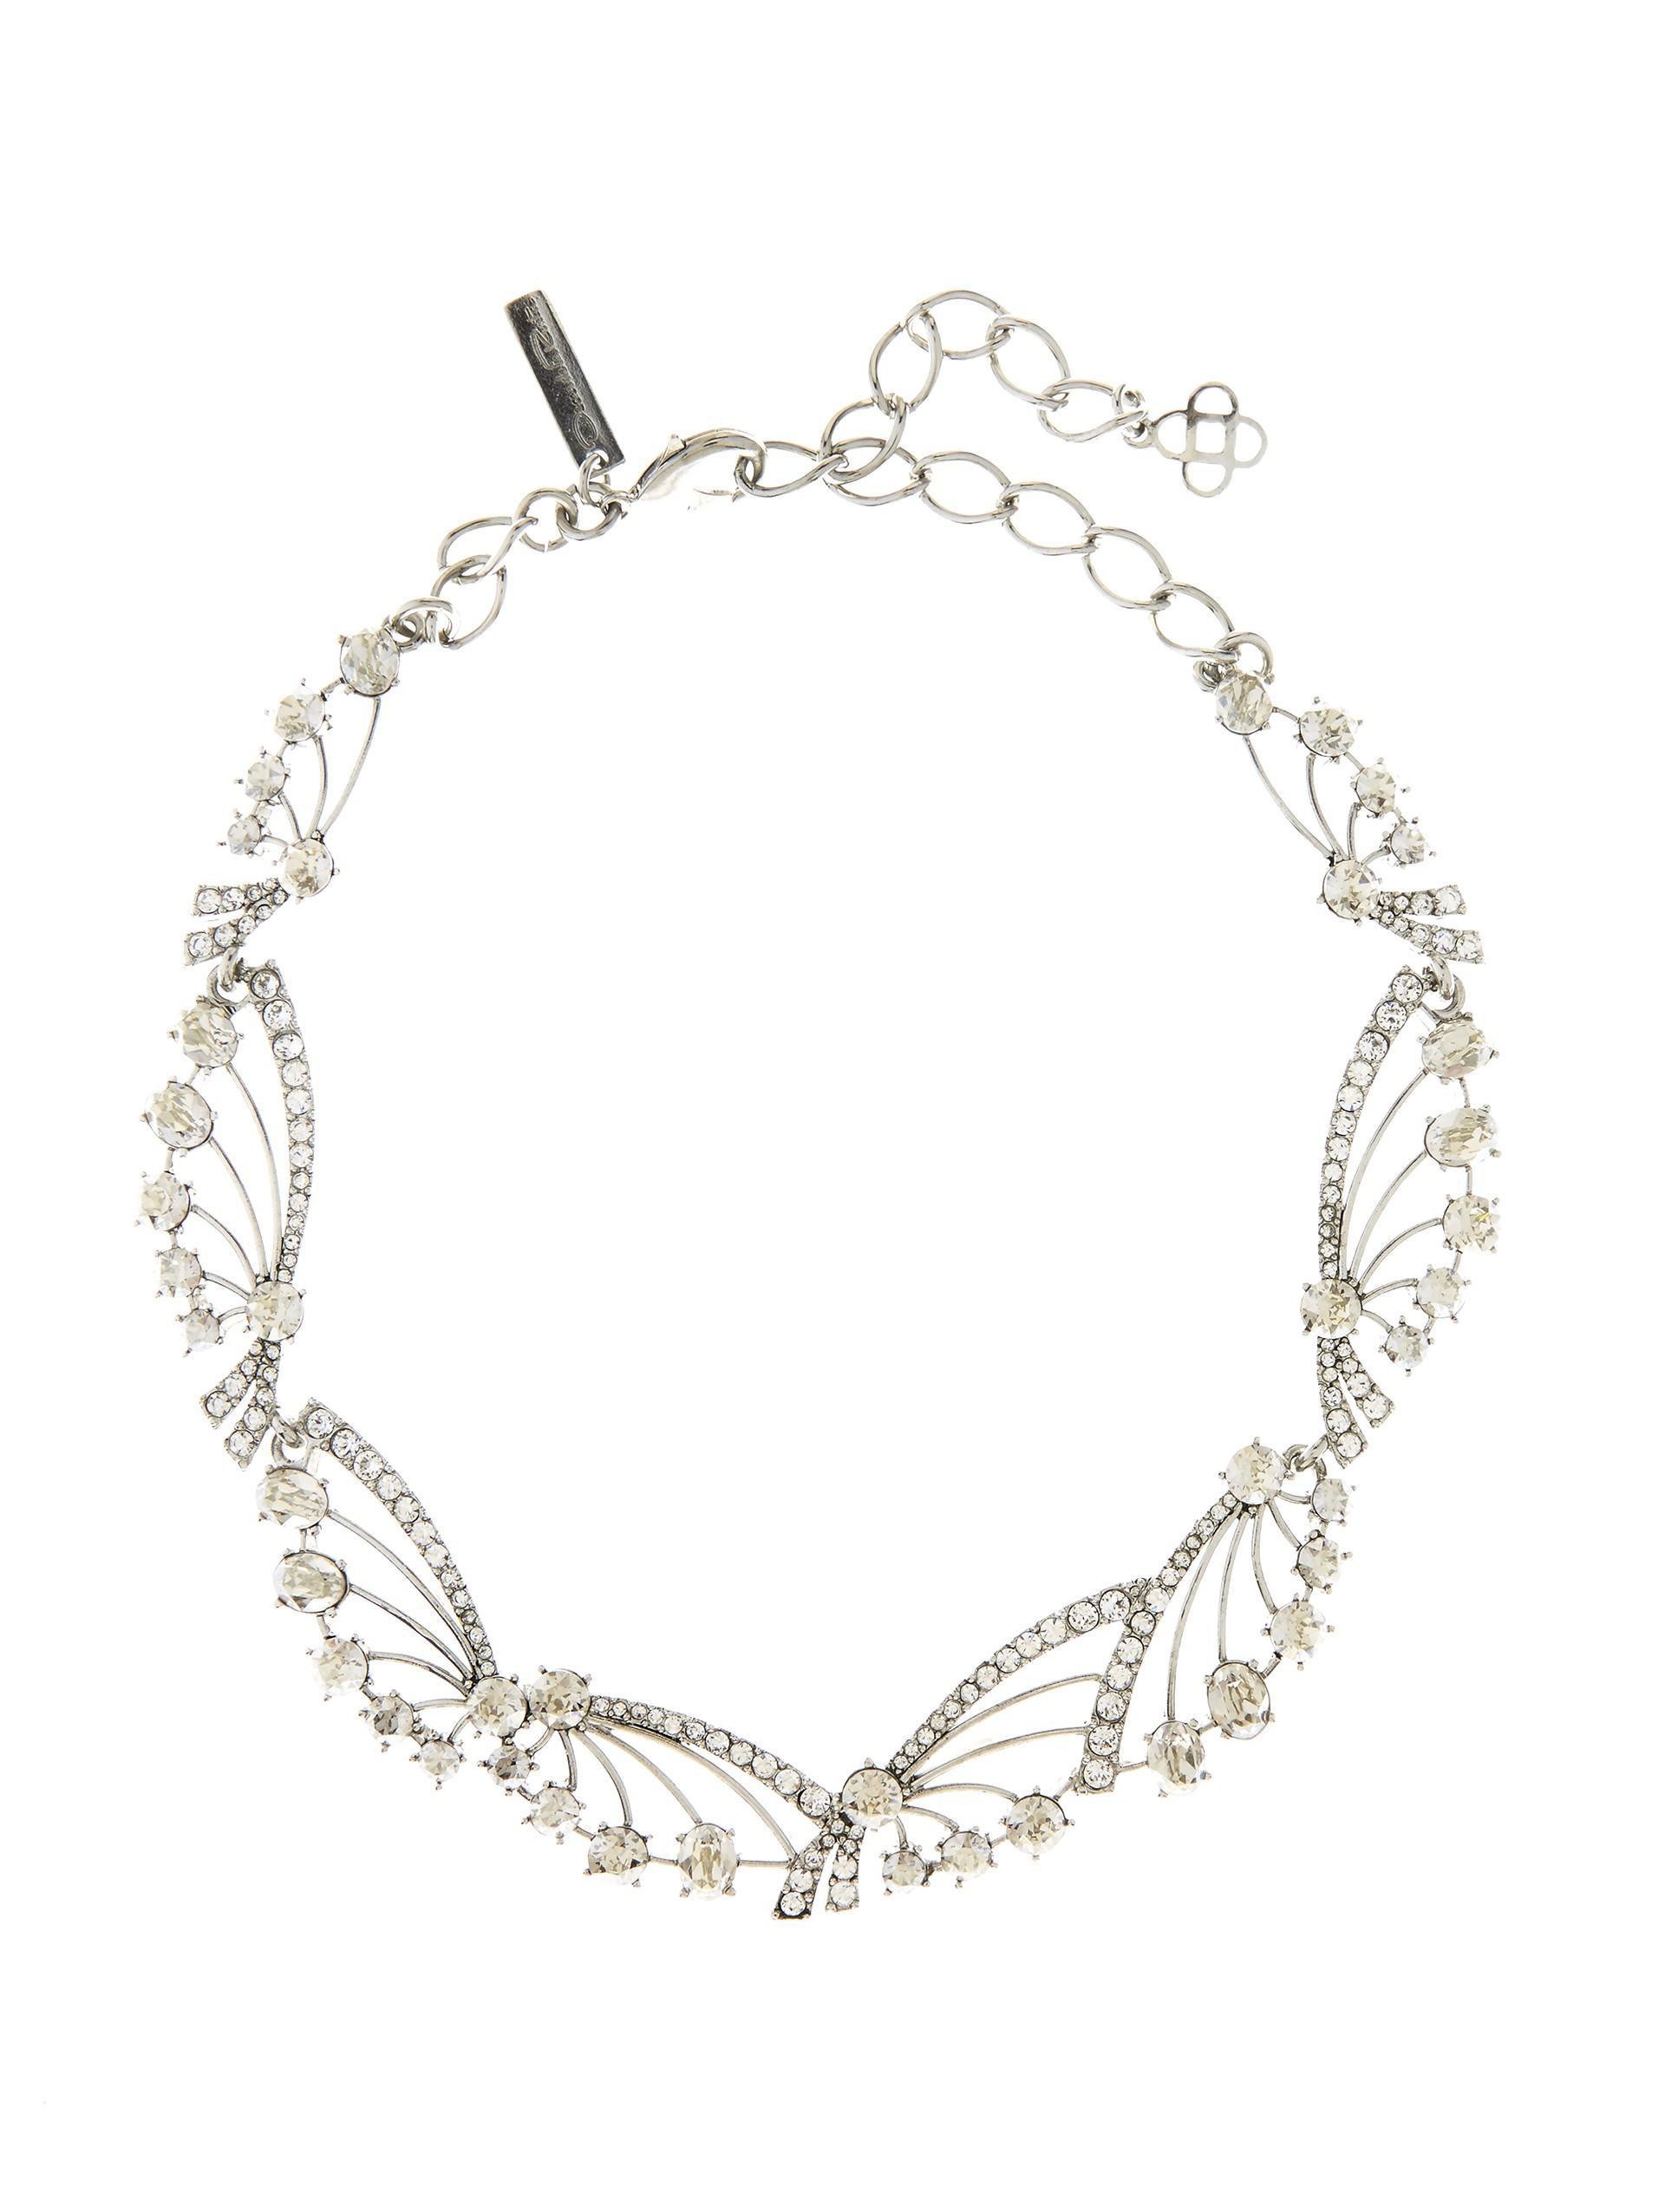 Oscar De La Renta Crystal Fan Necklace svRECJ